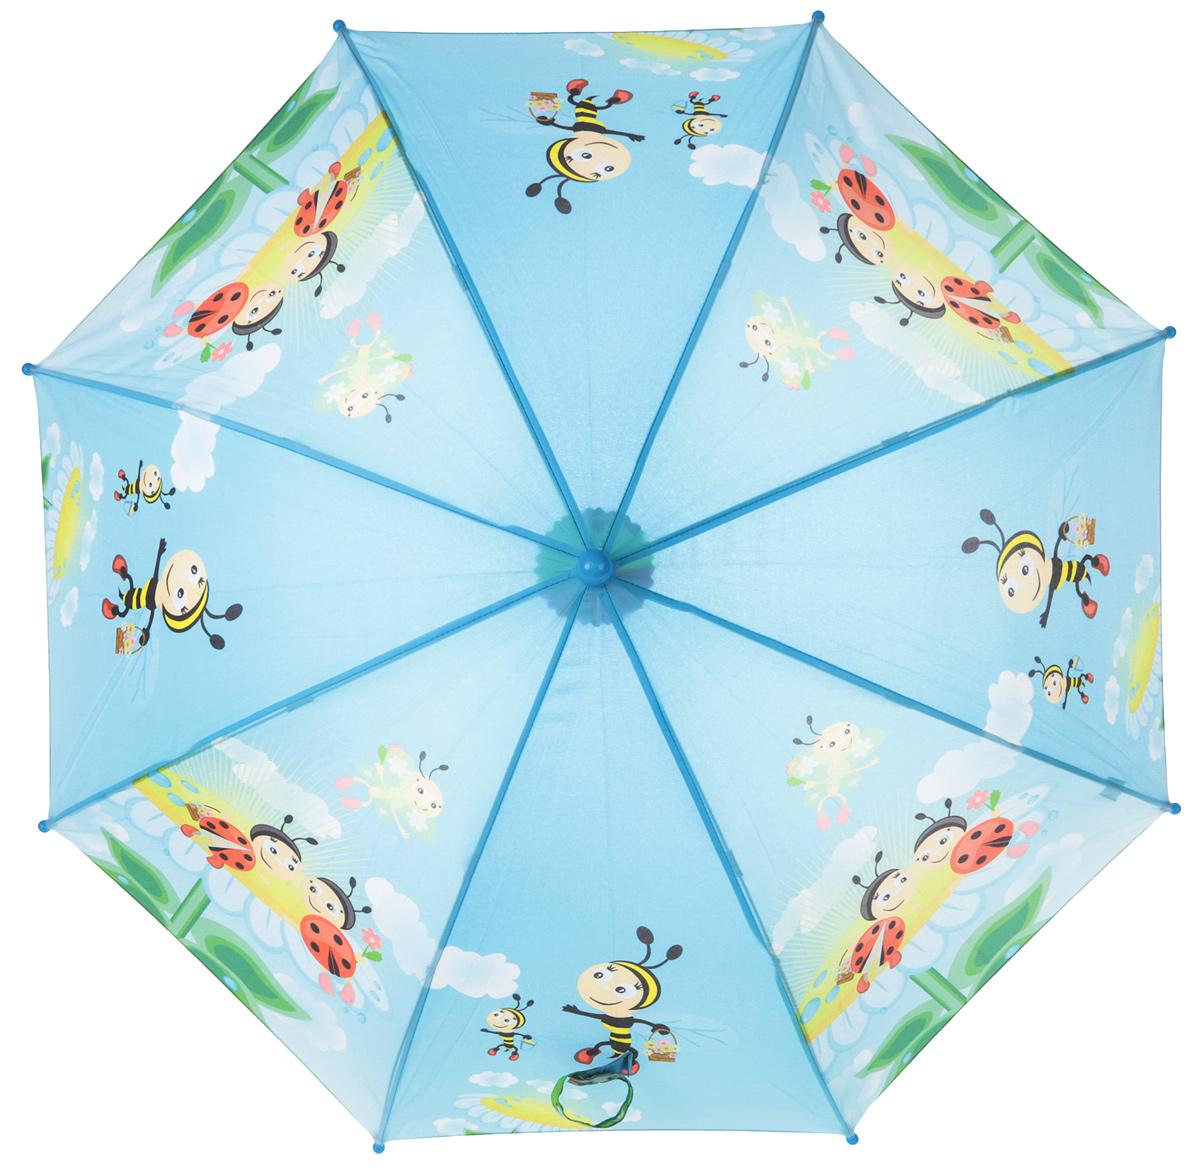 Зонт-трость детский ArtRain, автомат, цвет: голубой, желтый, зеленый. 1651-02